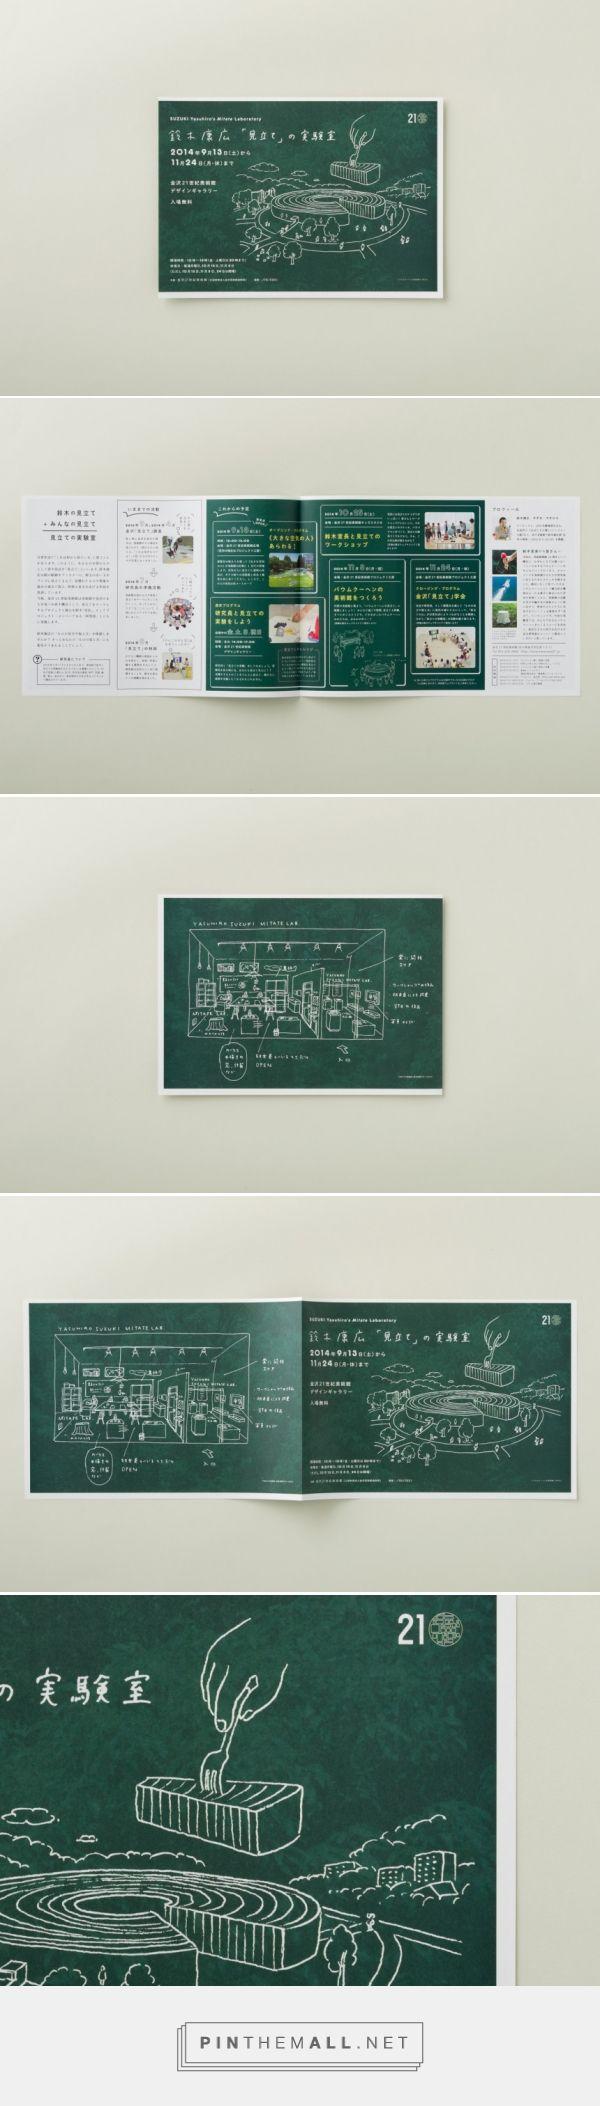 SUZUKI Yasuhiro's Mitate Laboratory  :   UMA / design farm - created on 2015-05-26 17:55:09